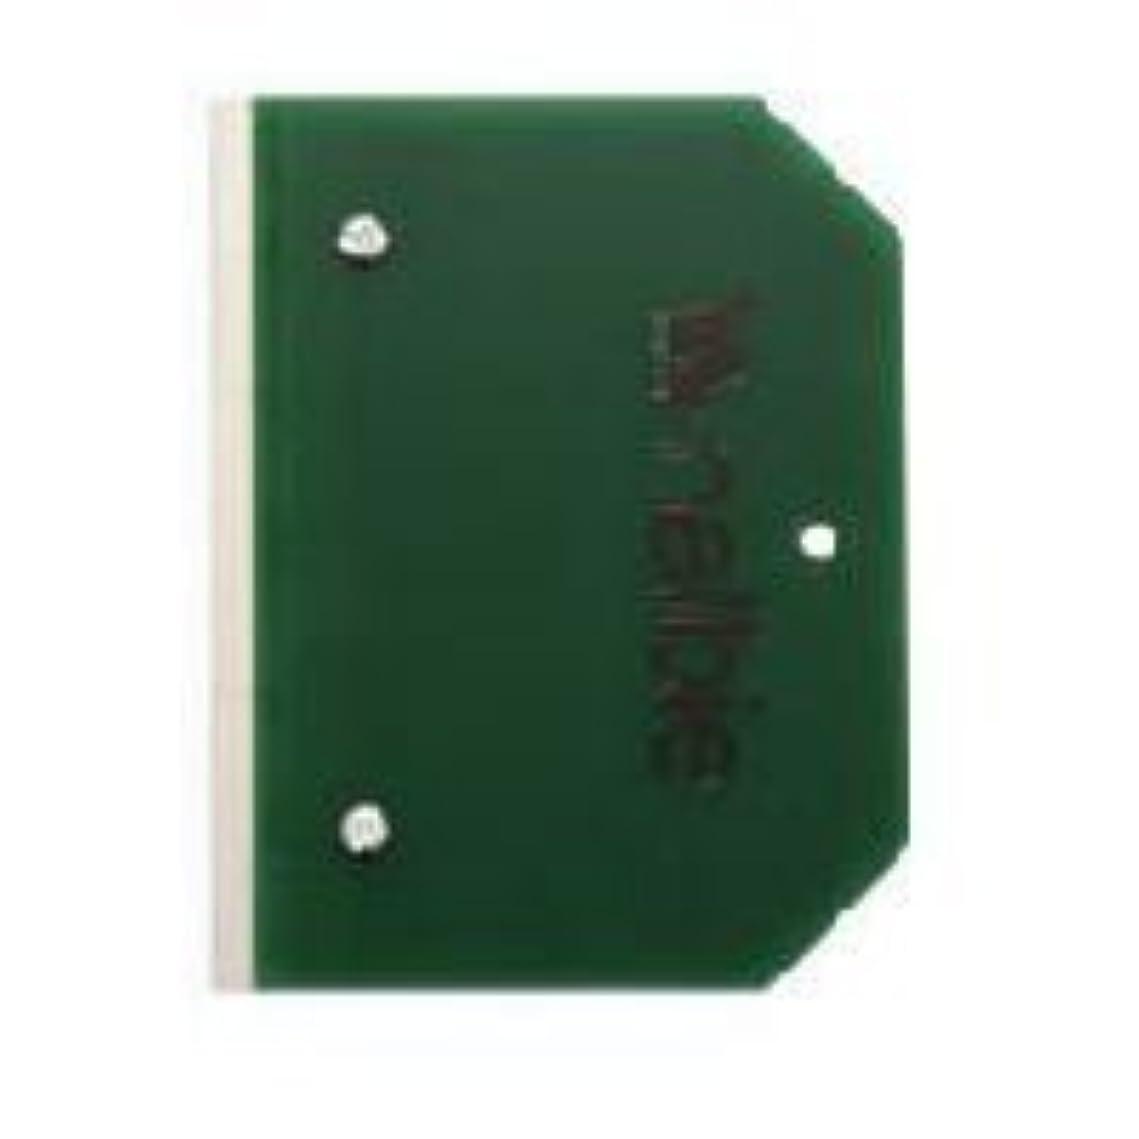 知恵に関してレンダーnalbie[ナルビー] カミソリホルダー 3枚刃/セーフティキャップ付 NRB03SC